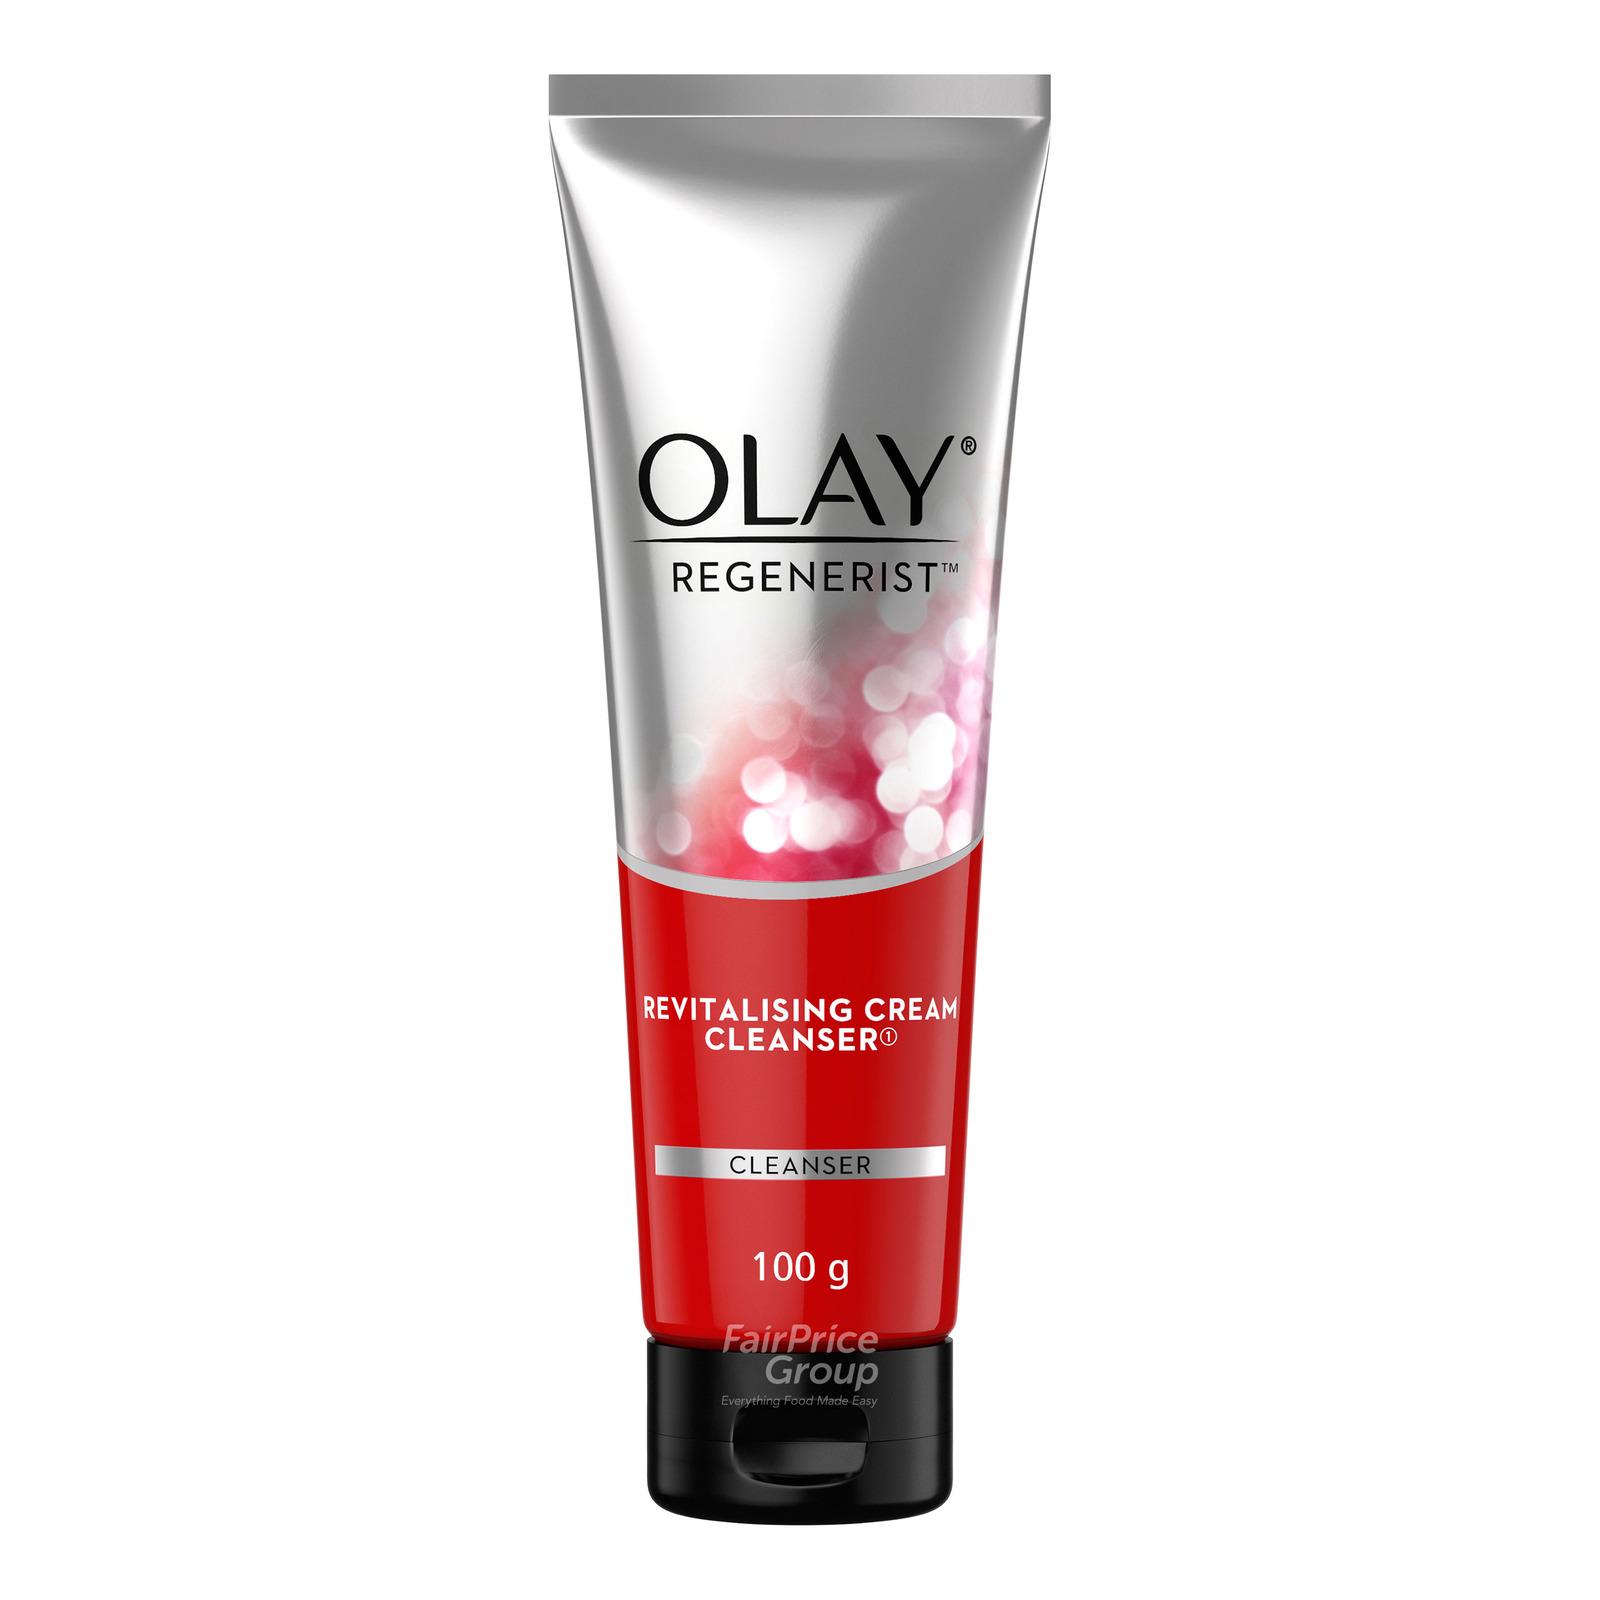 Olay Regenerist Revitalising Cream Cleanser